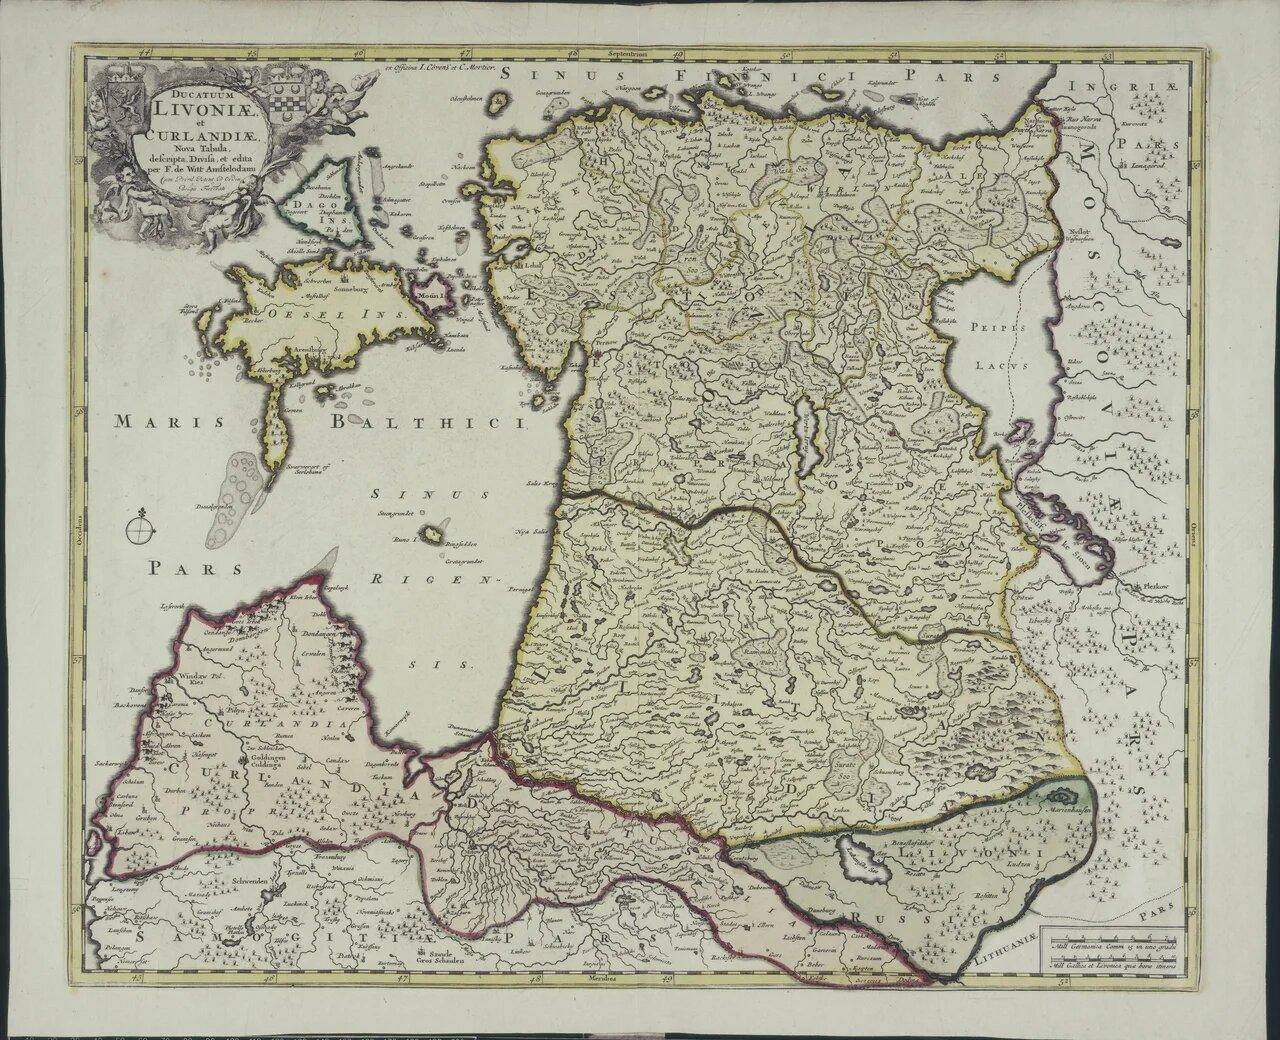 1721. Ливония и Курляндия